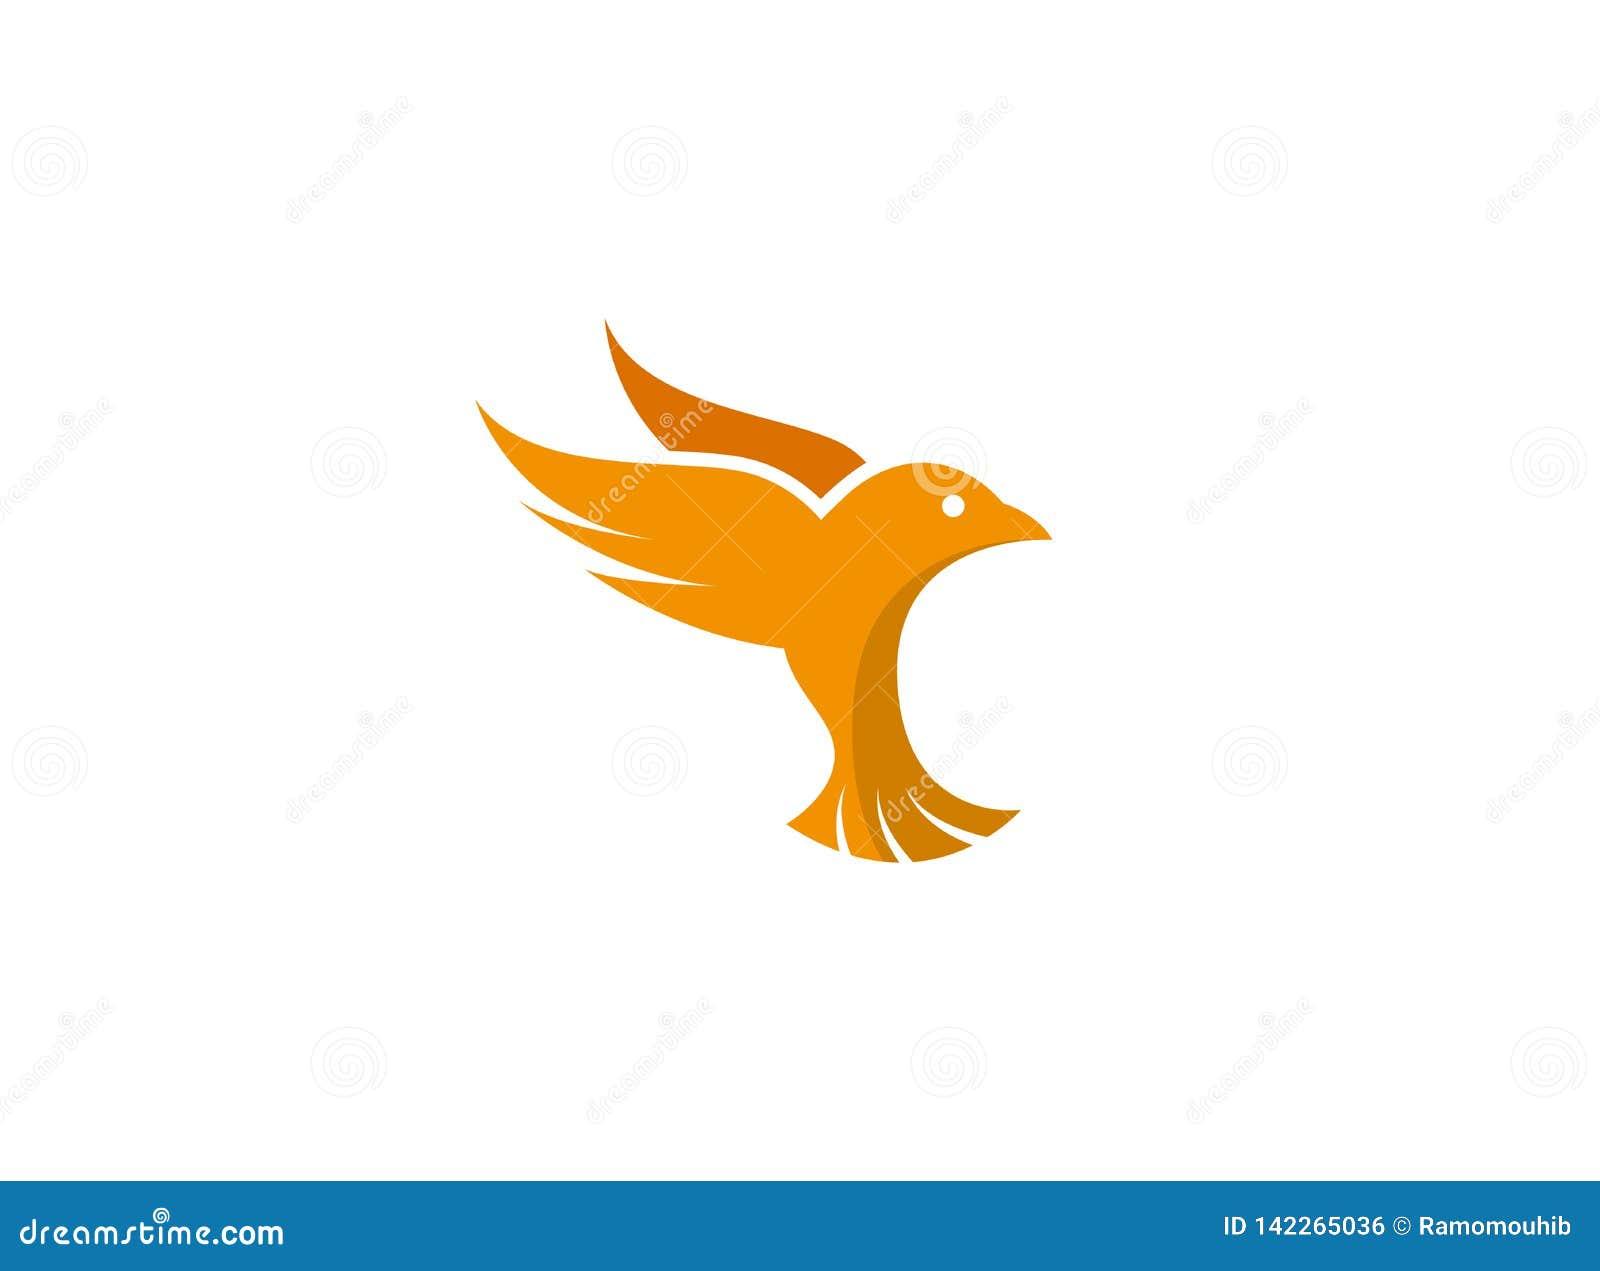 O pássaro mergulhou as asas abertas e voa para a ilustração do esign do logotipo